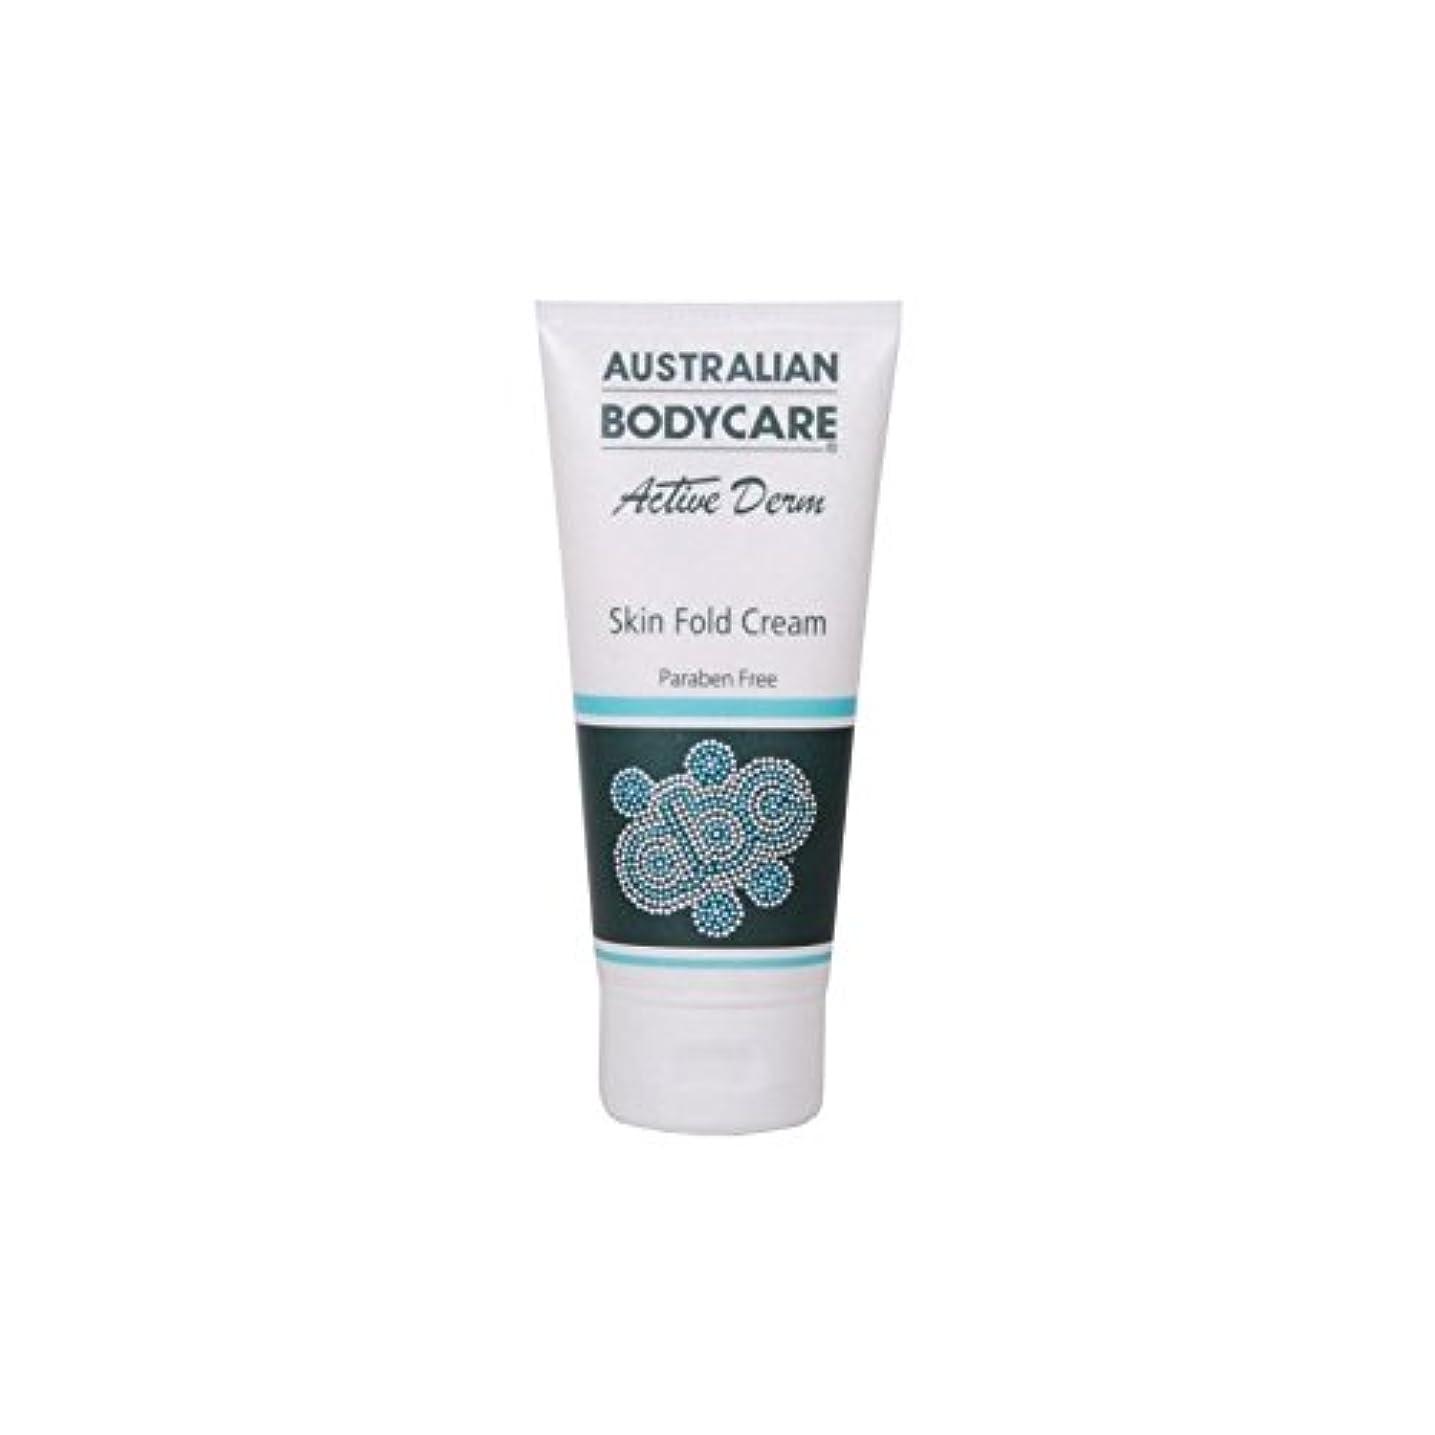 高めるロールはげAustralian Bodycare Active Derm Skin Fold Cream (100ml) - オーストラリアのボディケアアクティブダーム皮膚のひだクリーム(100ミリリットル) [並行輸入品]